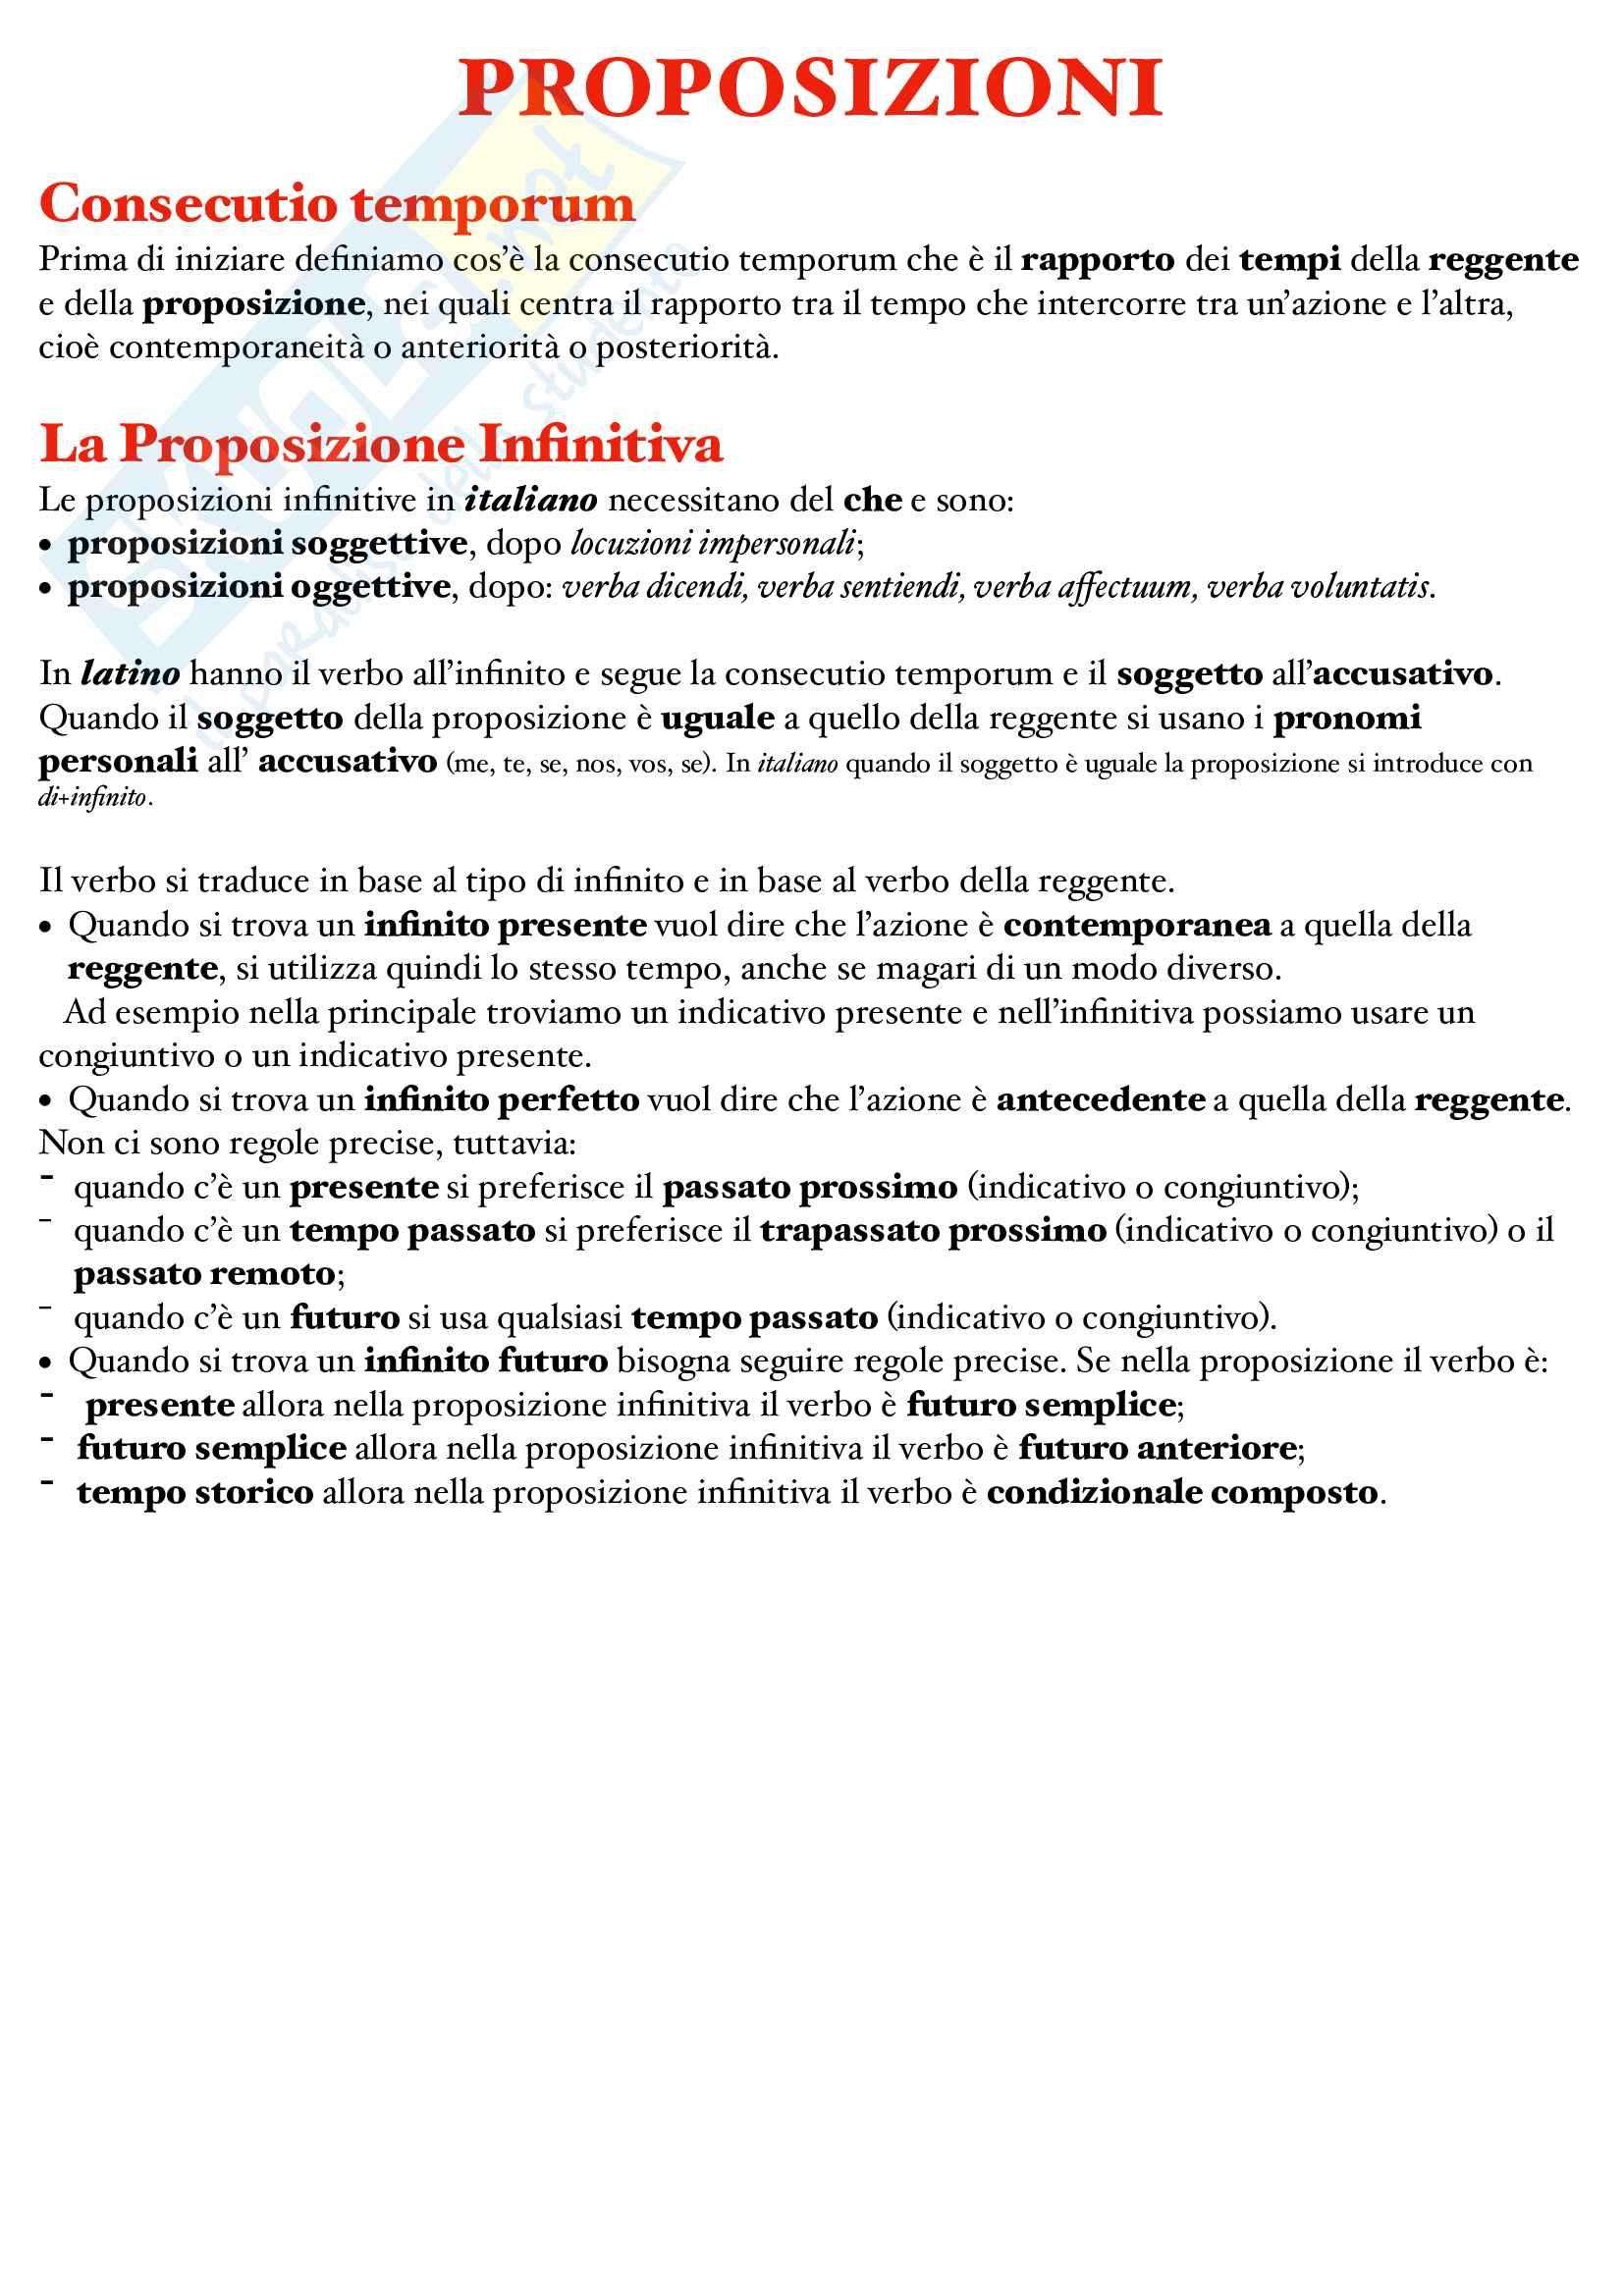 Regole sulle principali proposizioni latine